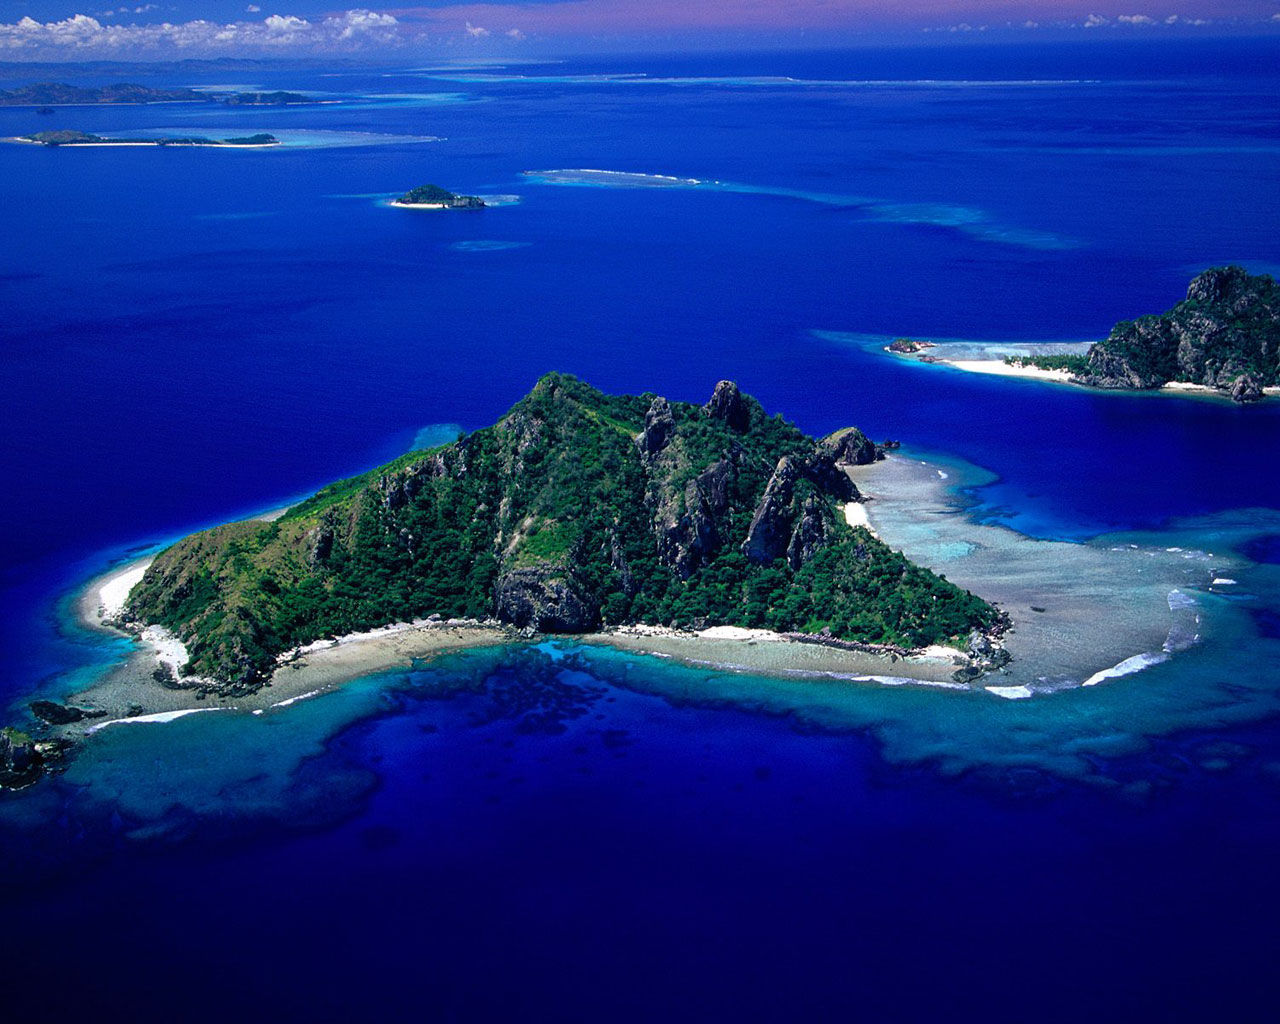 обозначить границы остров в океане картинки умиления